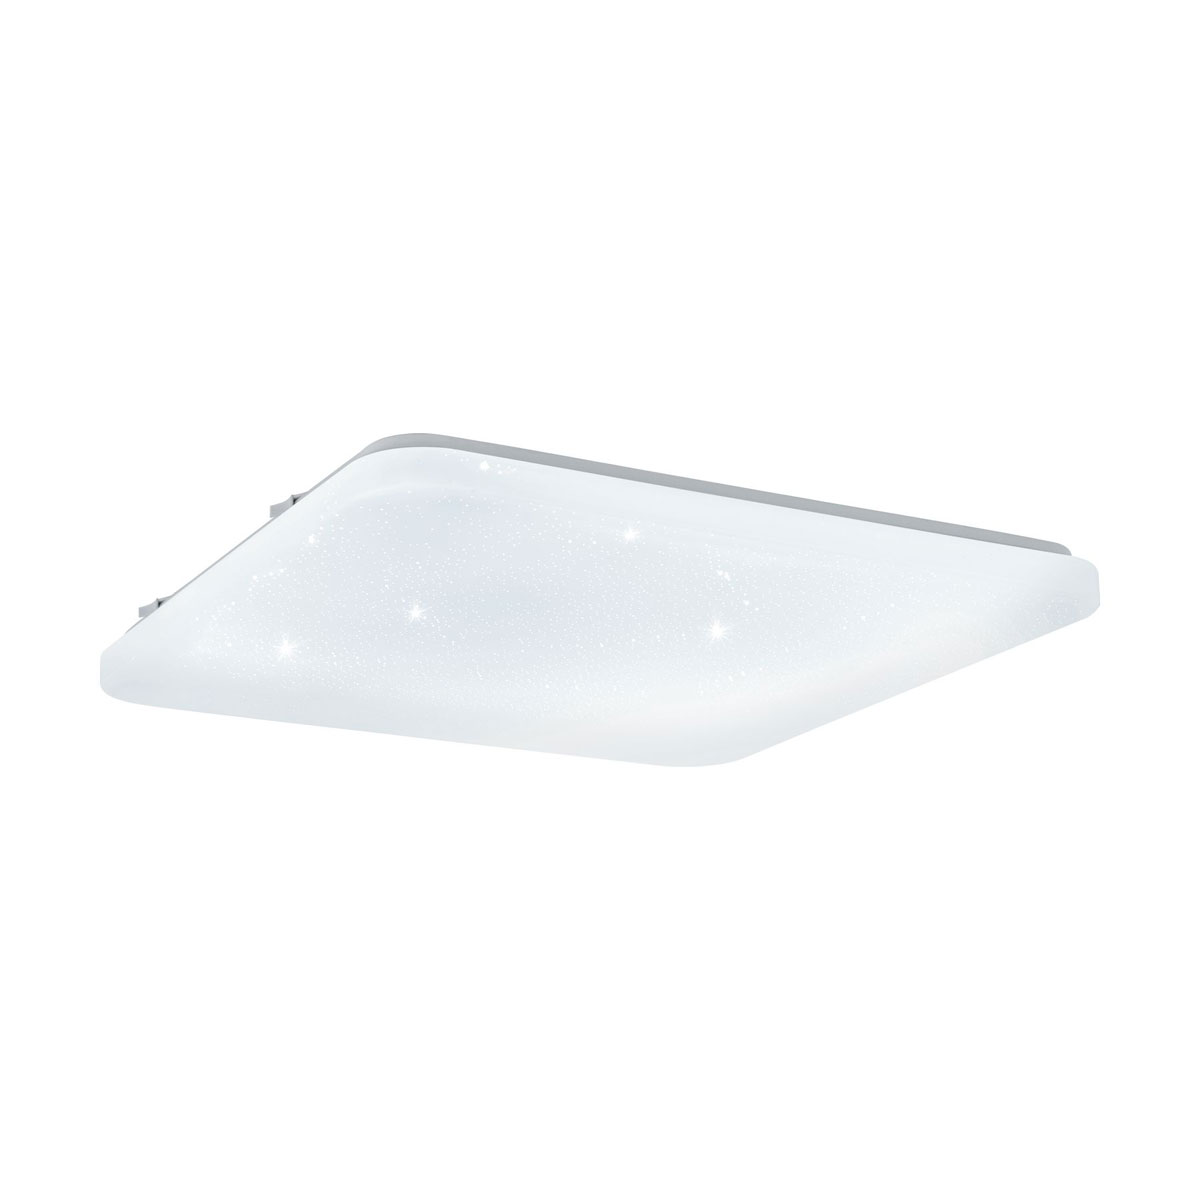 """Deckenleuchten - LED Deckenleuchte """"Frania S"""", 43x43cm, weiß 43x43 cm cm  - Onlineshop Hellweg"""